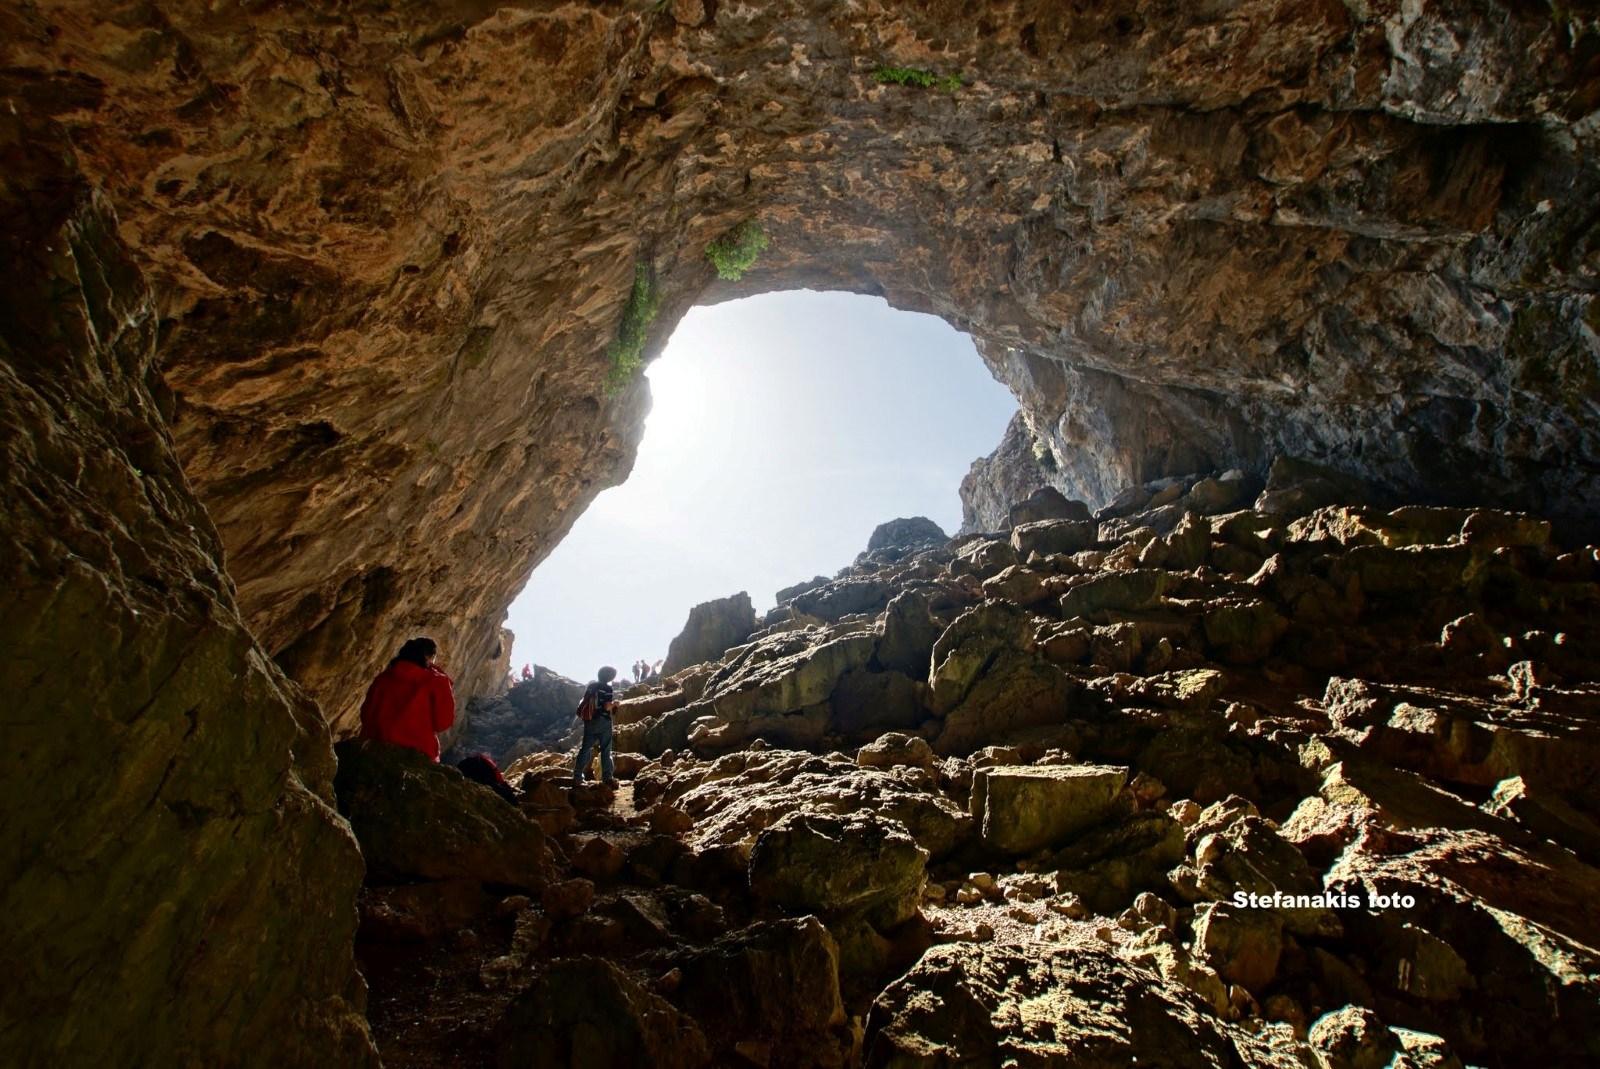 Το-εσωτερικό-του-σπηλαίου